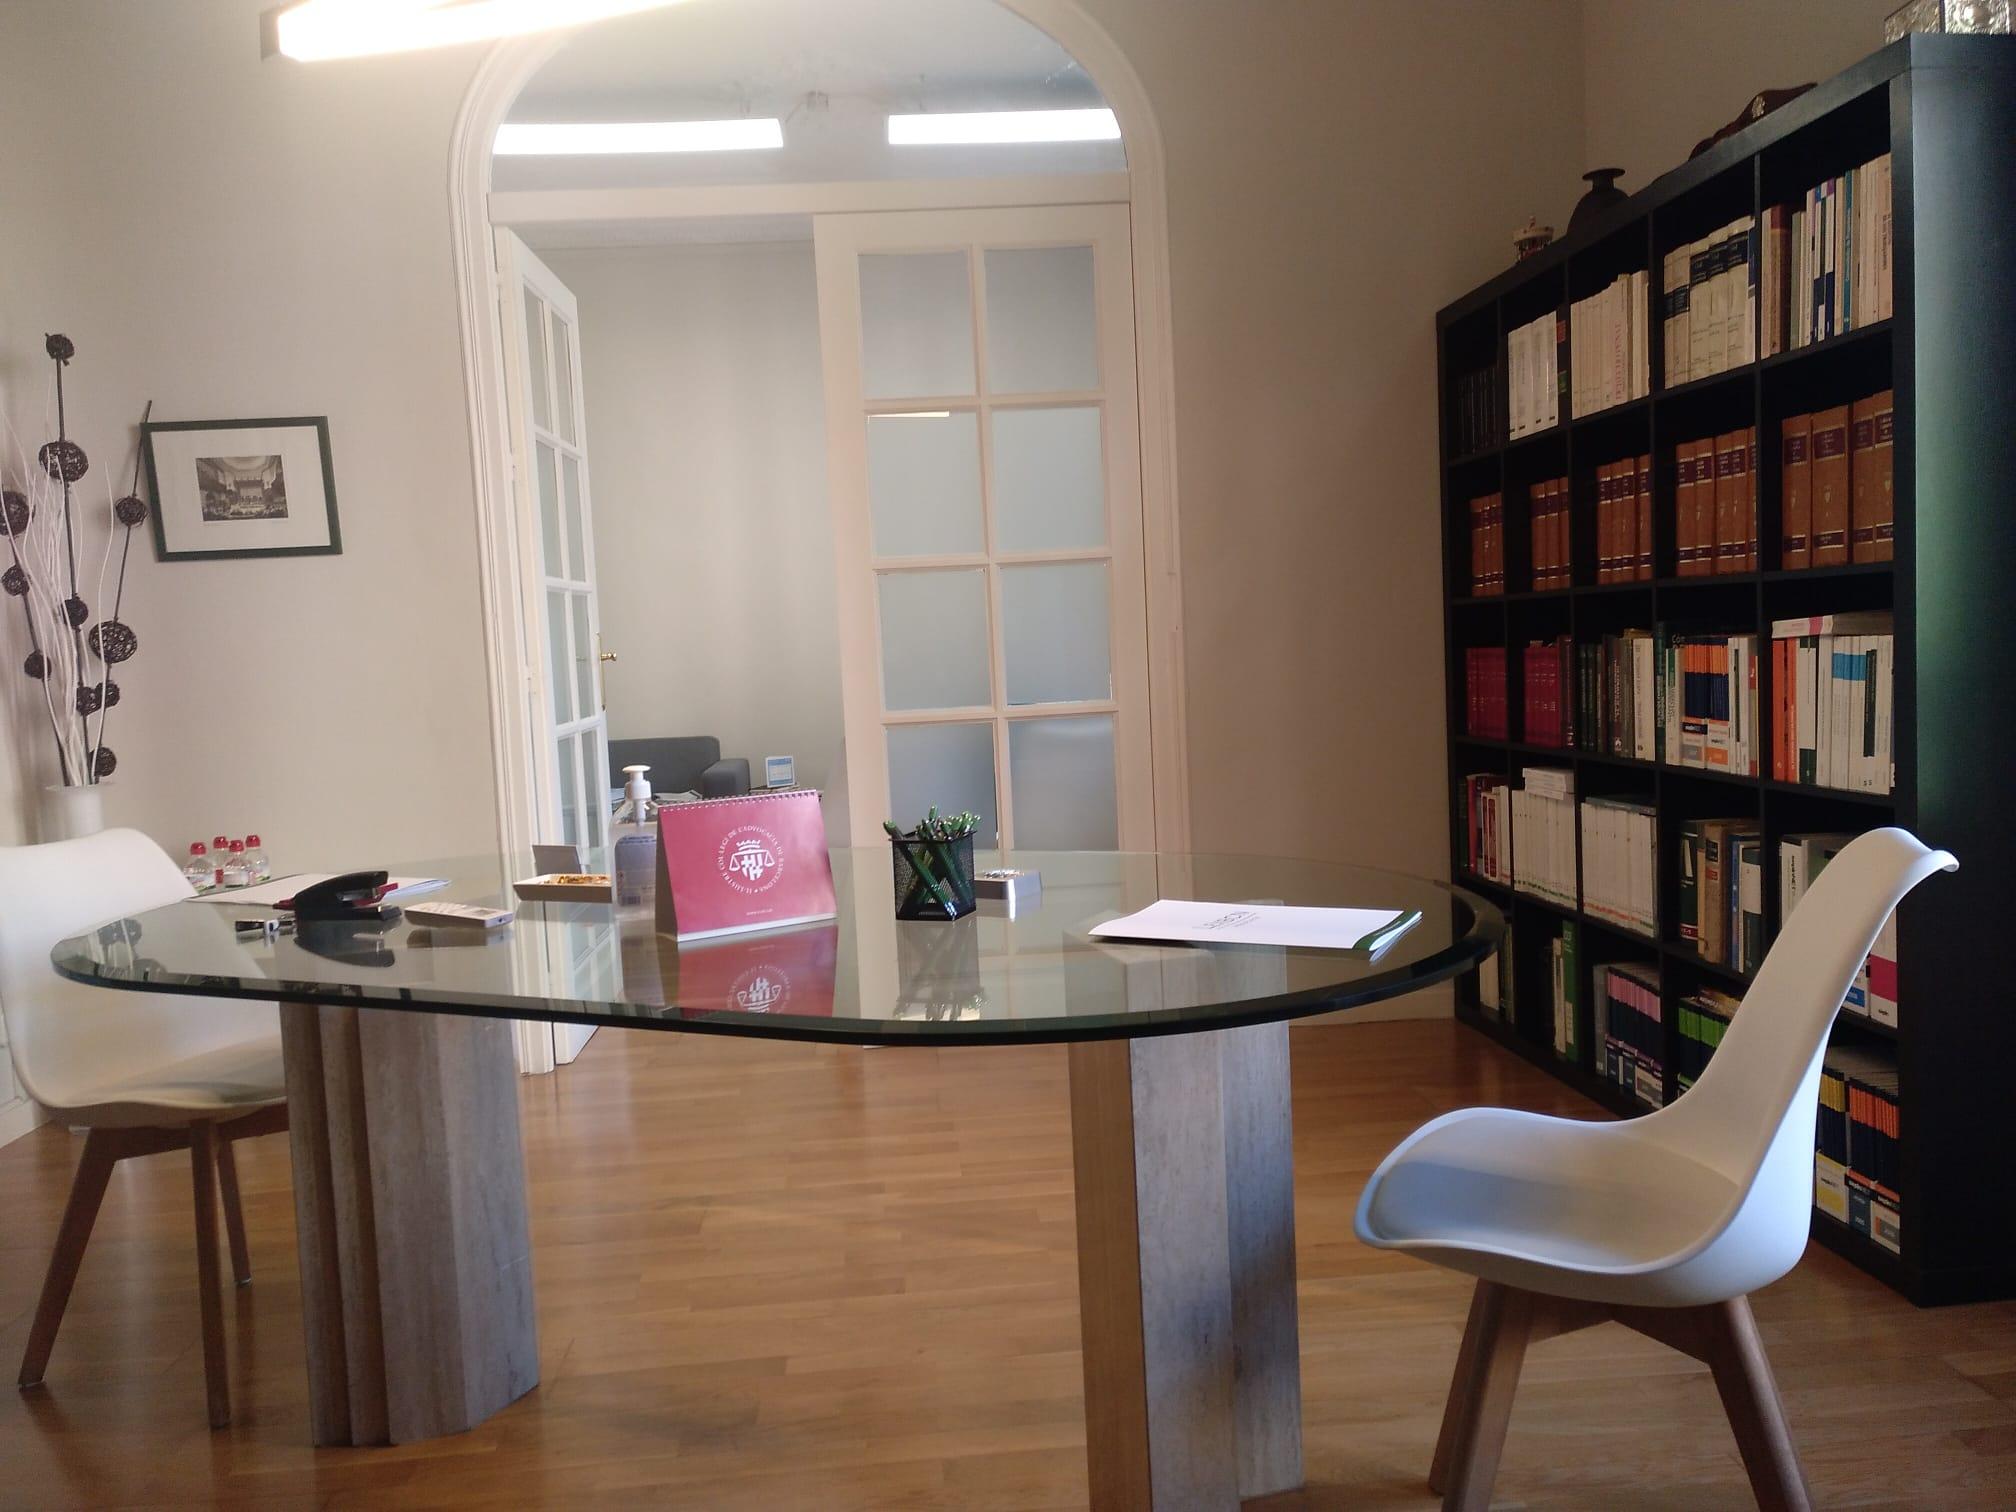 En lexbcn abogados mantenemos la distancia de 2 metros en las reuniones con nuestros clientes